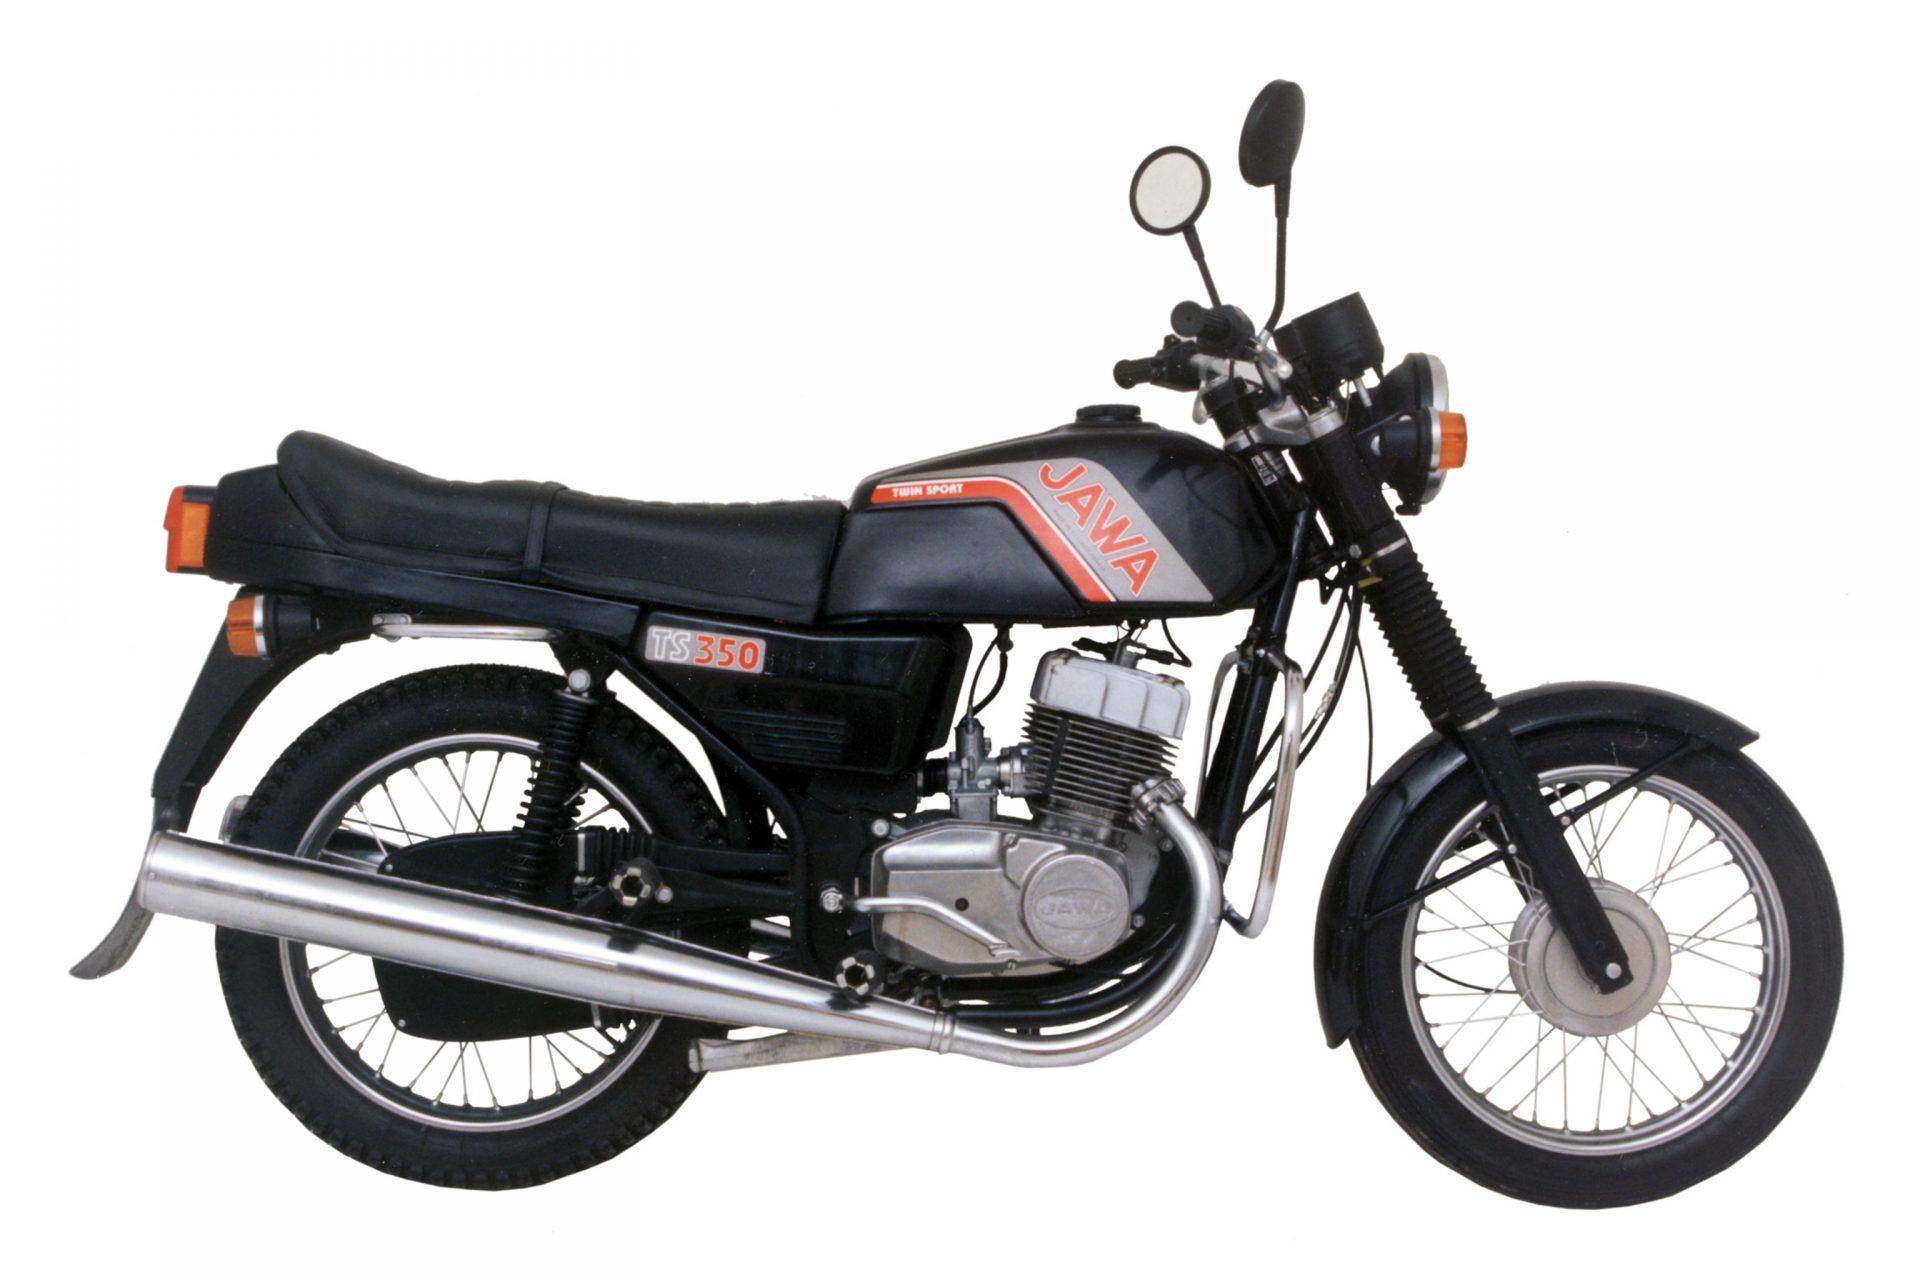 Jawa TS 350 - dwusuwowy motocykl zabytkowy